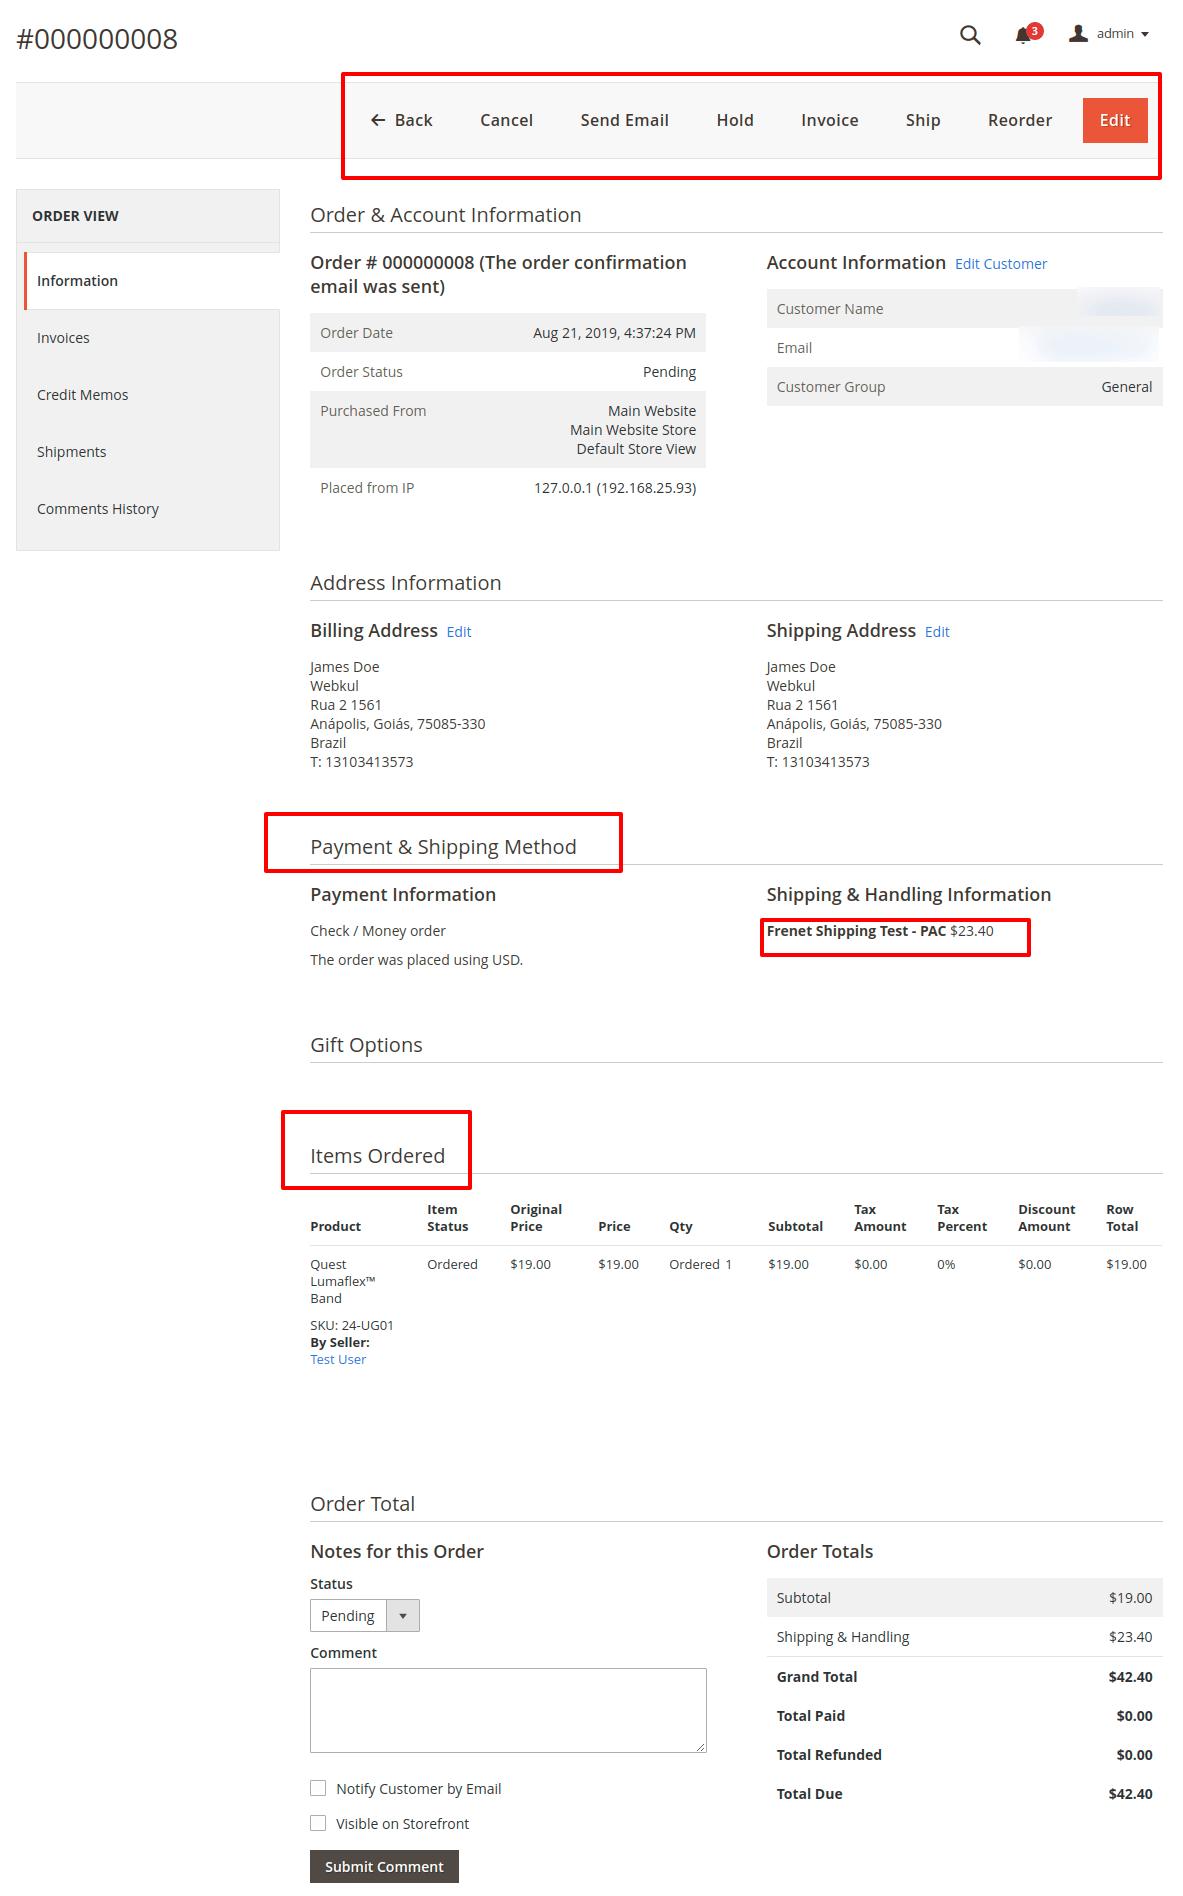 order-details_admin-1